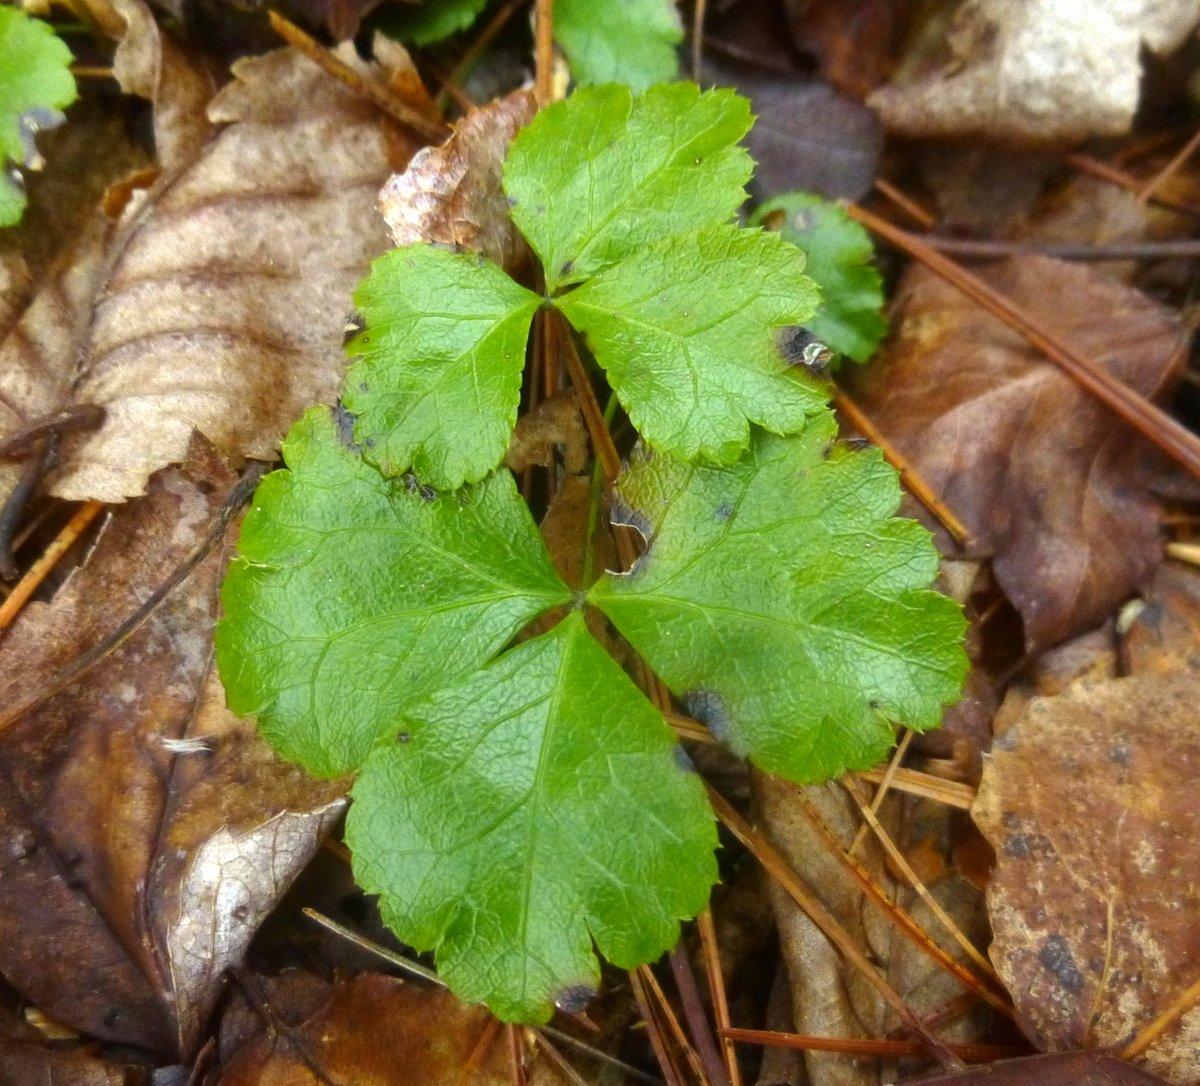 6. Goldthread Foliage